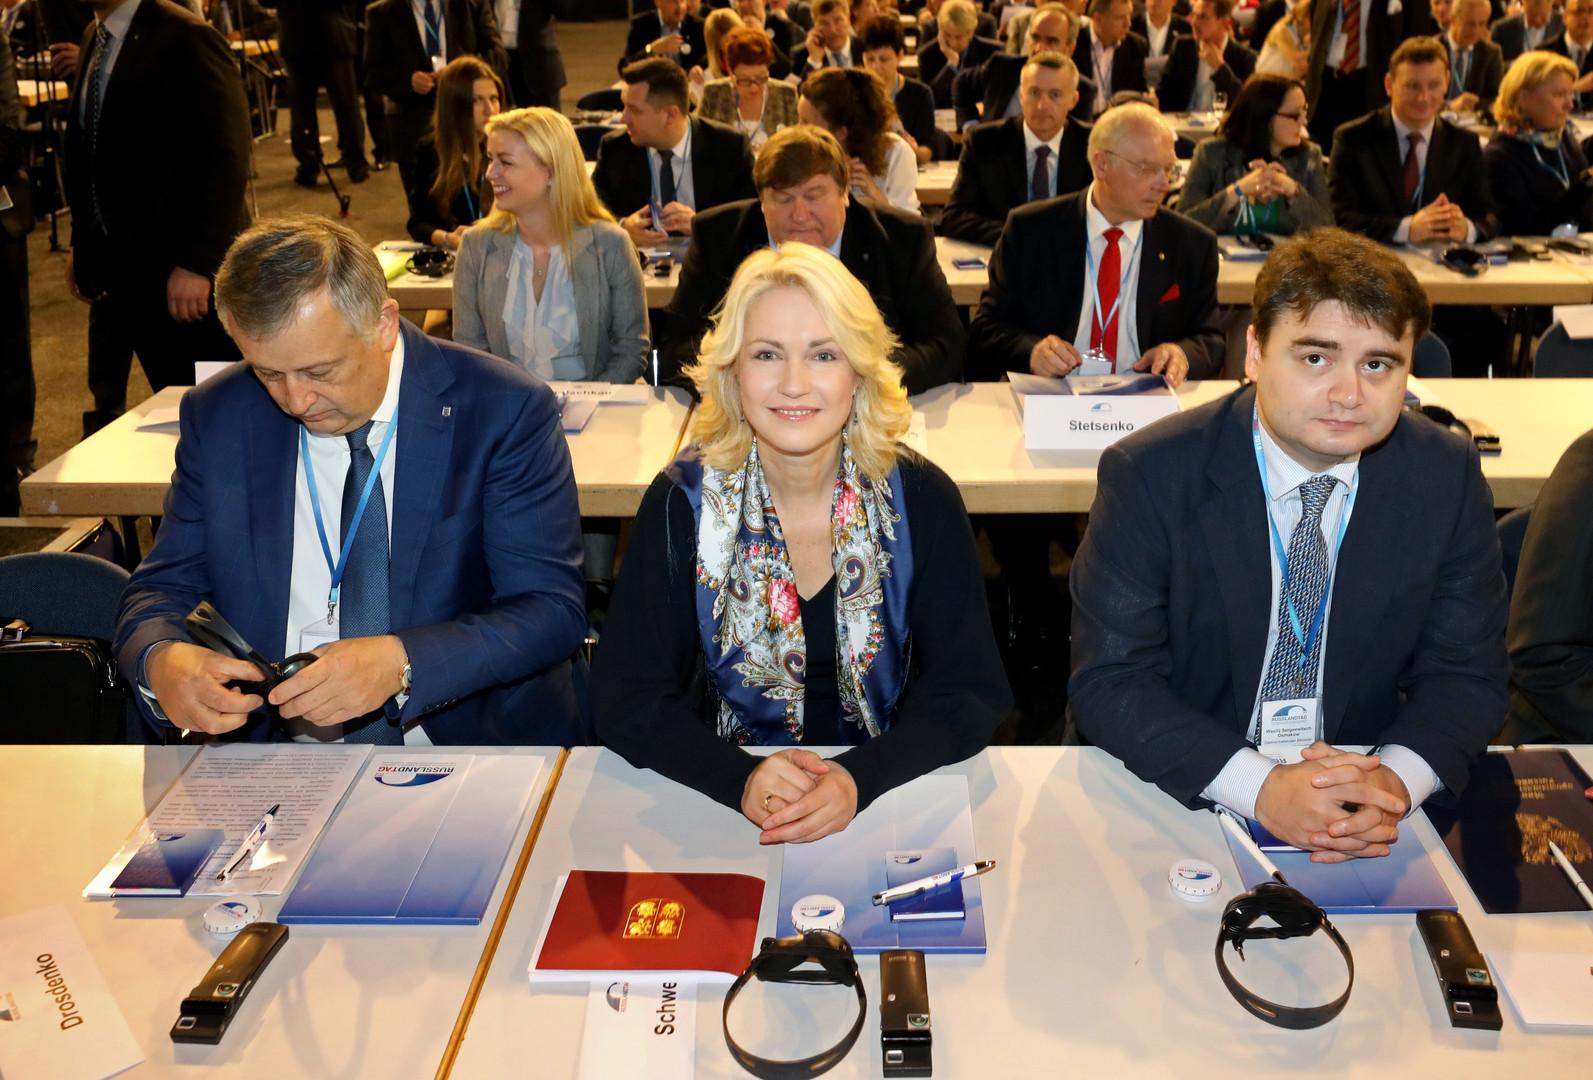 3. Russlandtag in Rostock eröffnet – Ministerpräsidentin Schwesig will engere Kontakte zu Russland